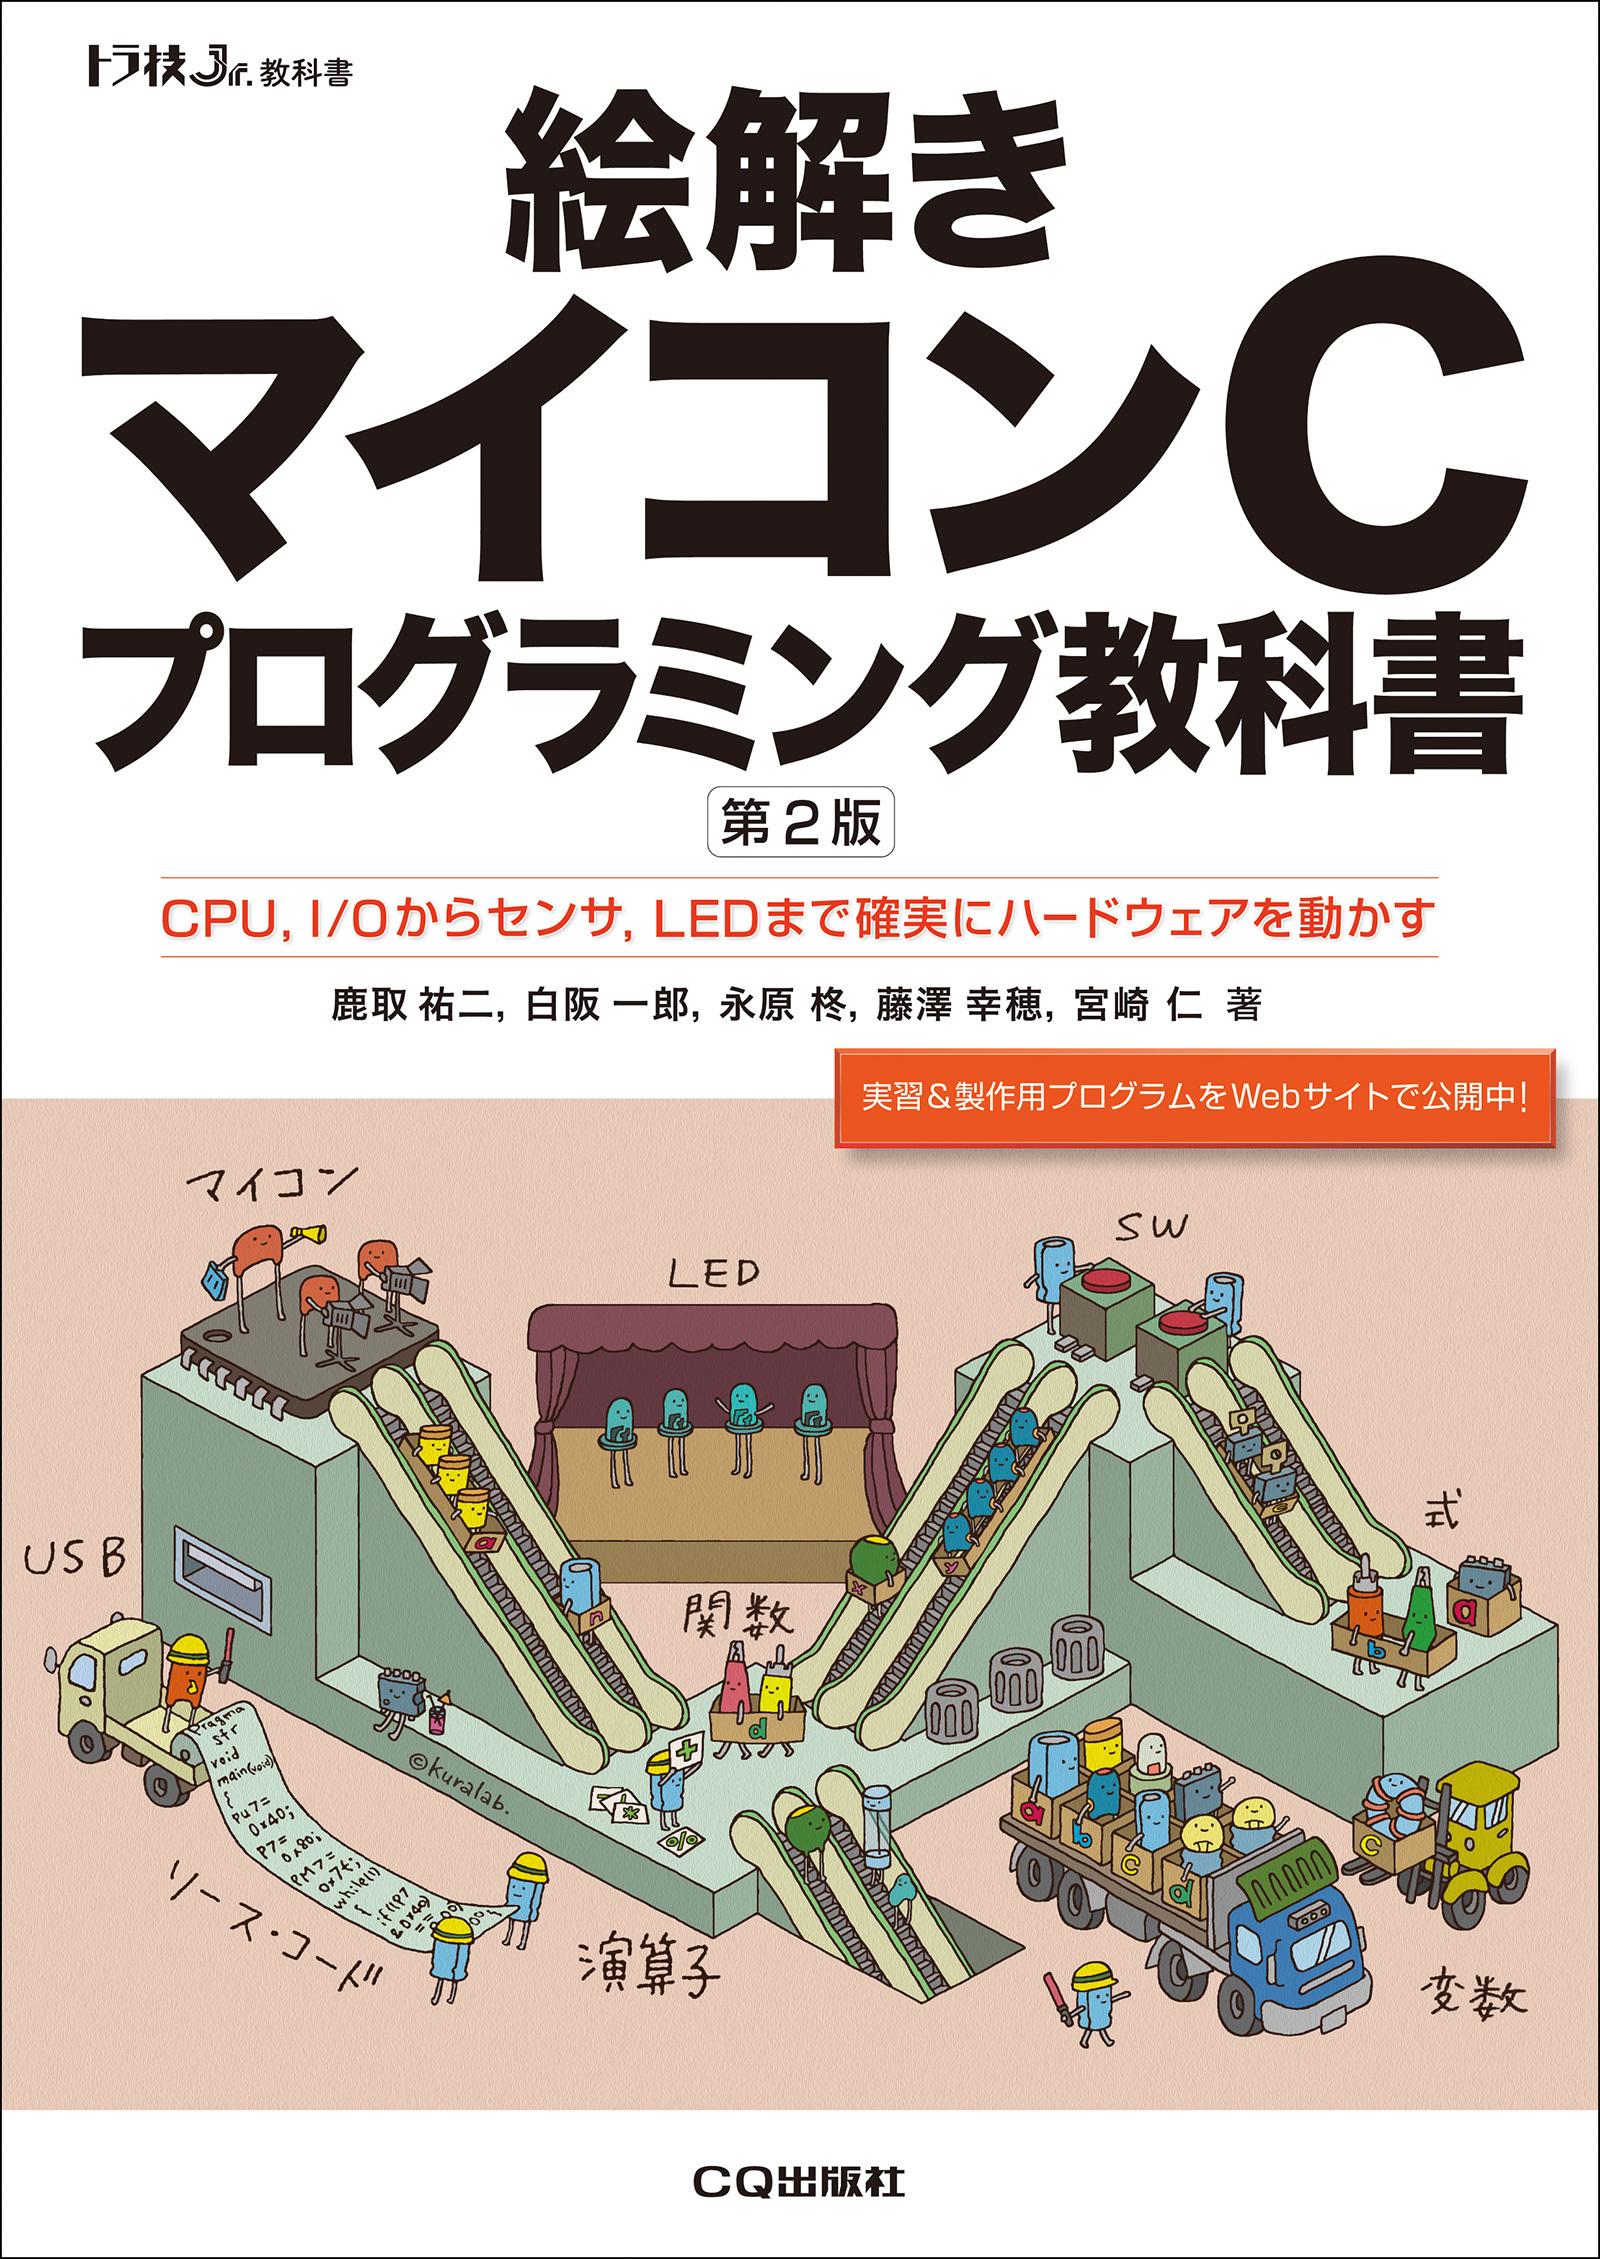 https://cc.cqpub.co.jp/lib/system-img/0/0/083/y2U0dJgAJjbh.jpg